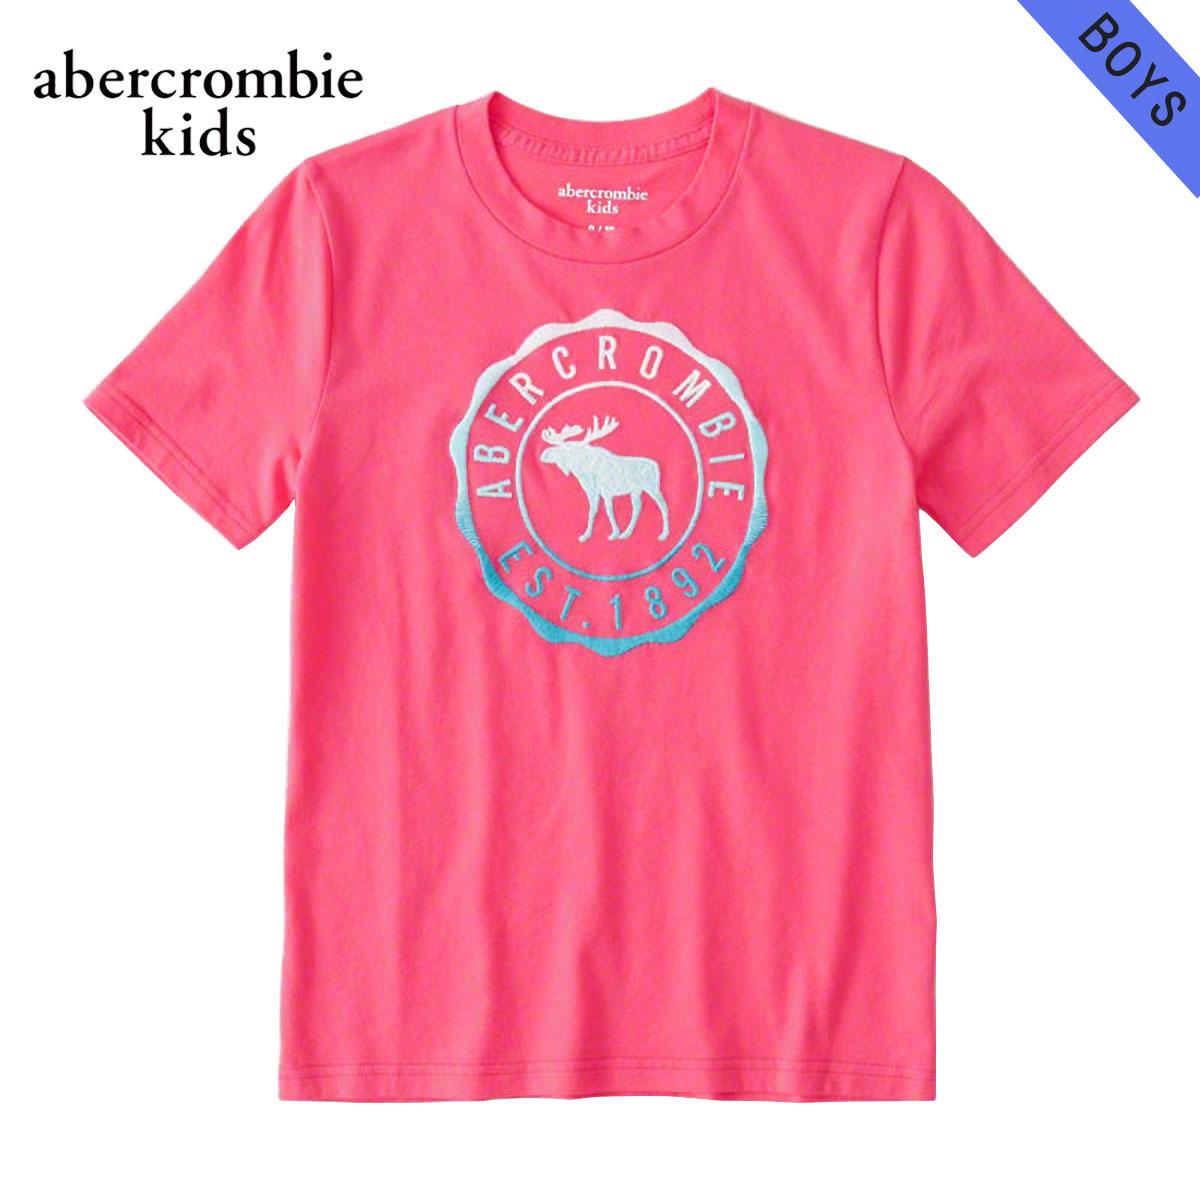 アバクロキッズ AbercrombieKids 正規品 子供服 ボーイズ 半袖Tシャツ logo graphic tee 223-616-0138-061